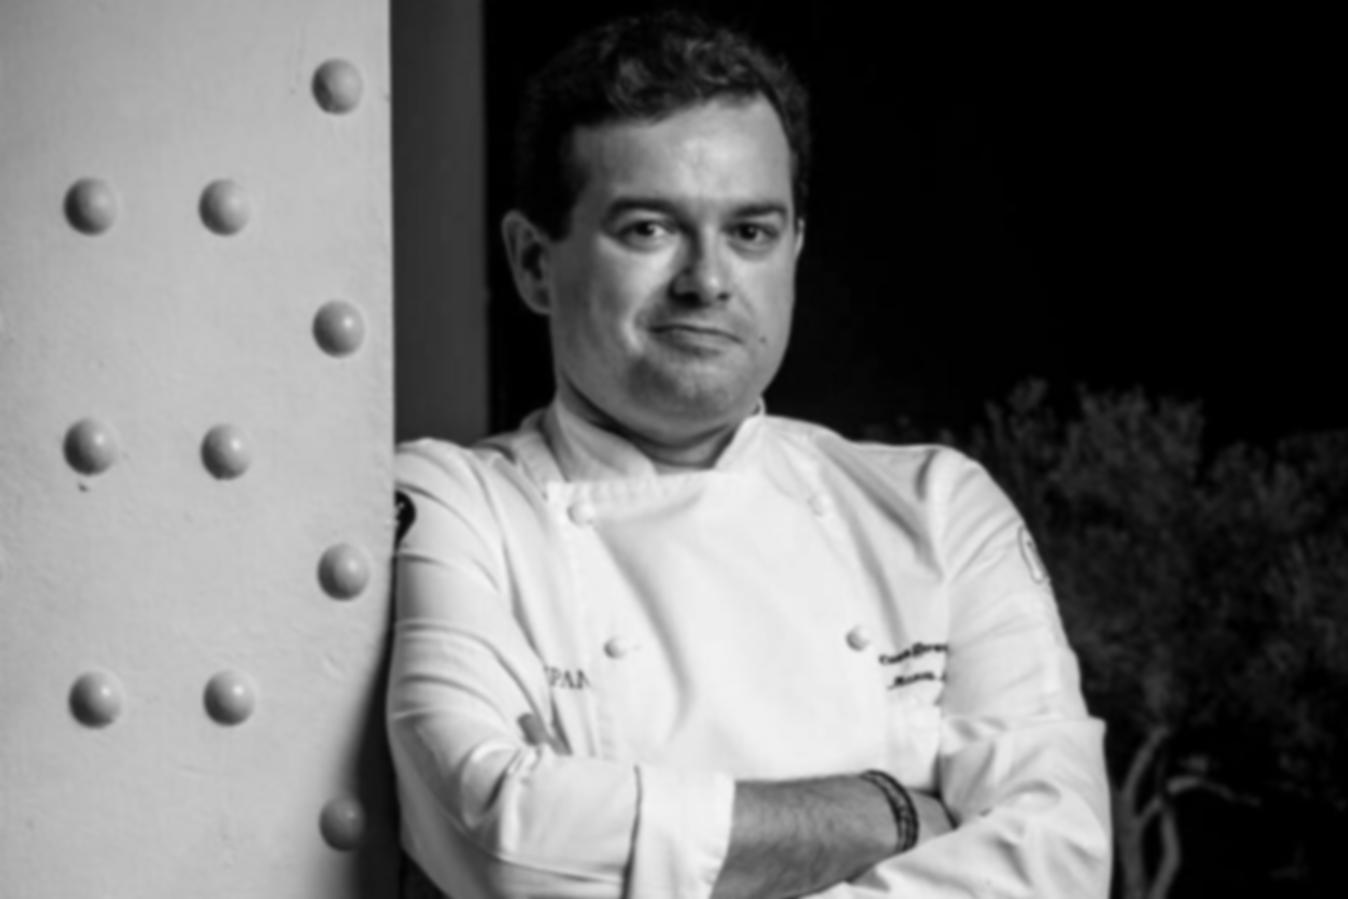 Vivencias de la cuarentena, Marcos Morán (Restaurantes) - GastroMadrid